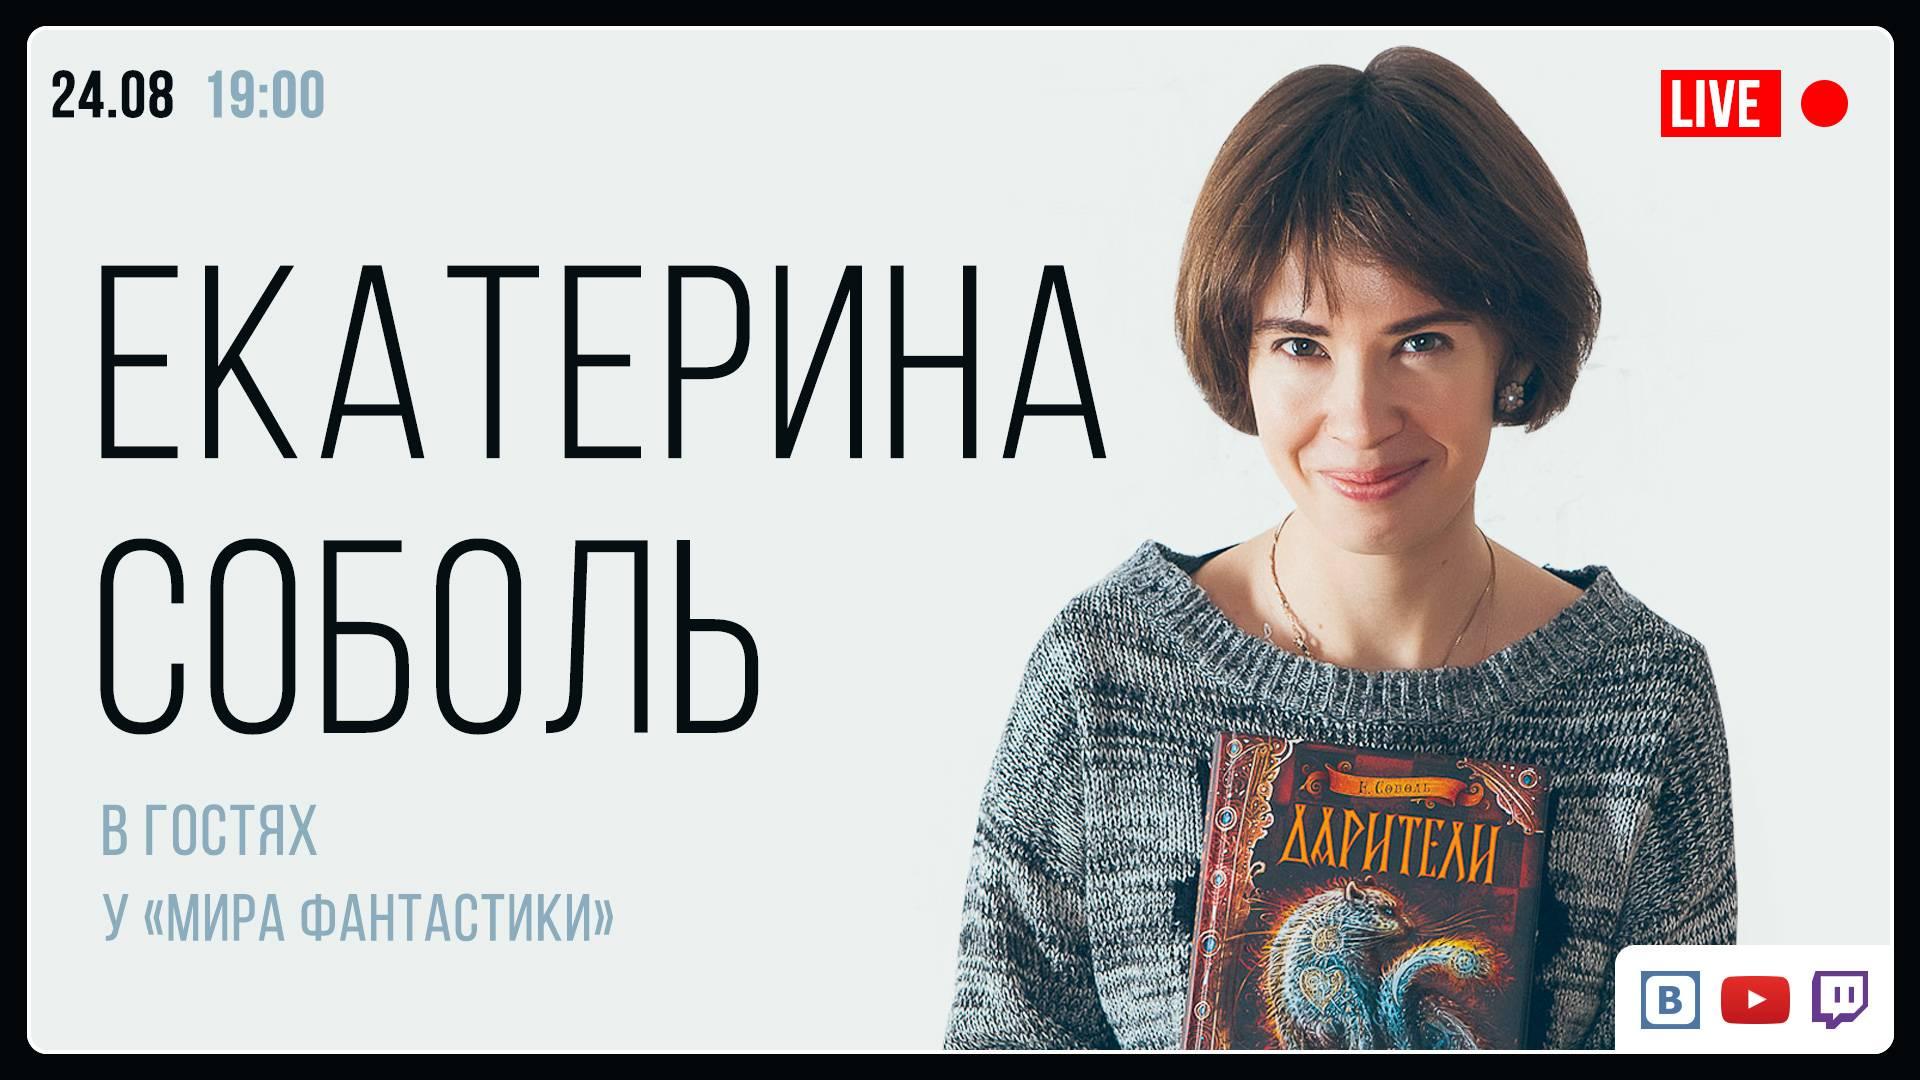 Екатерина Соболь в эфире «Мира фантастики Live»